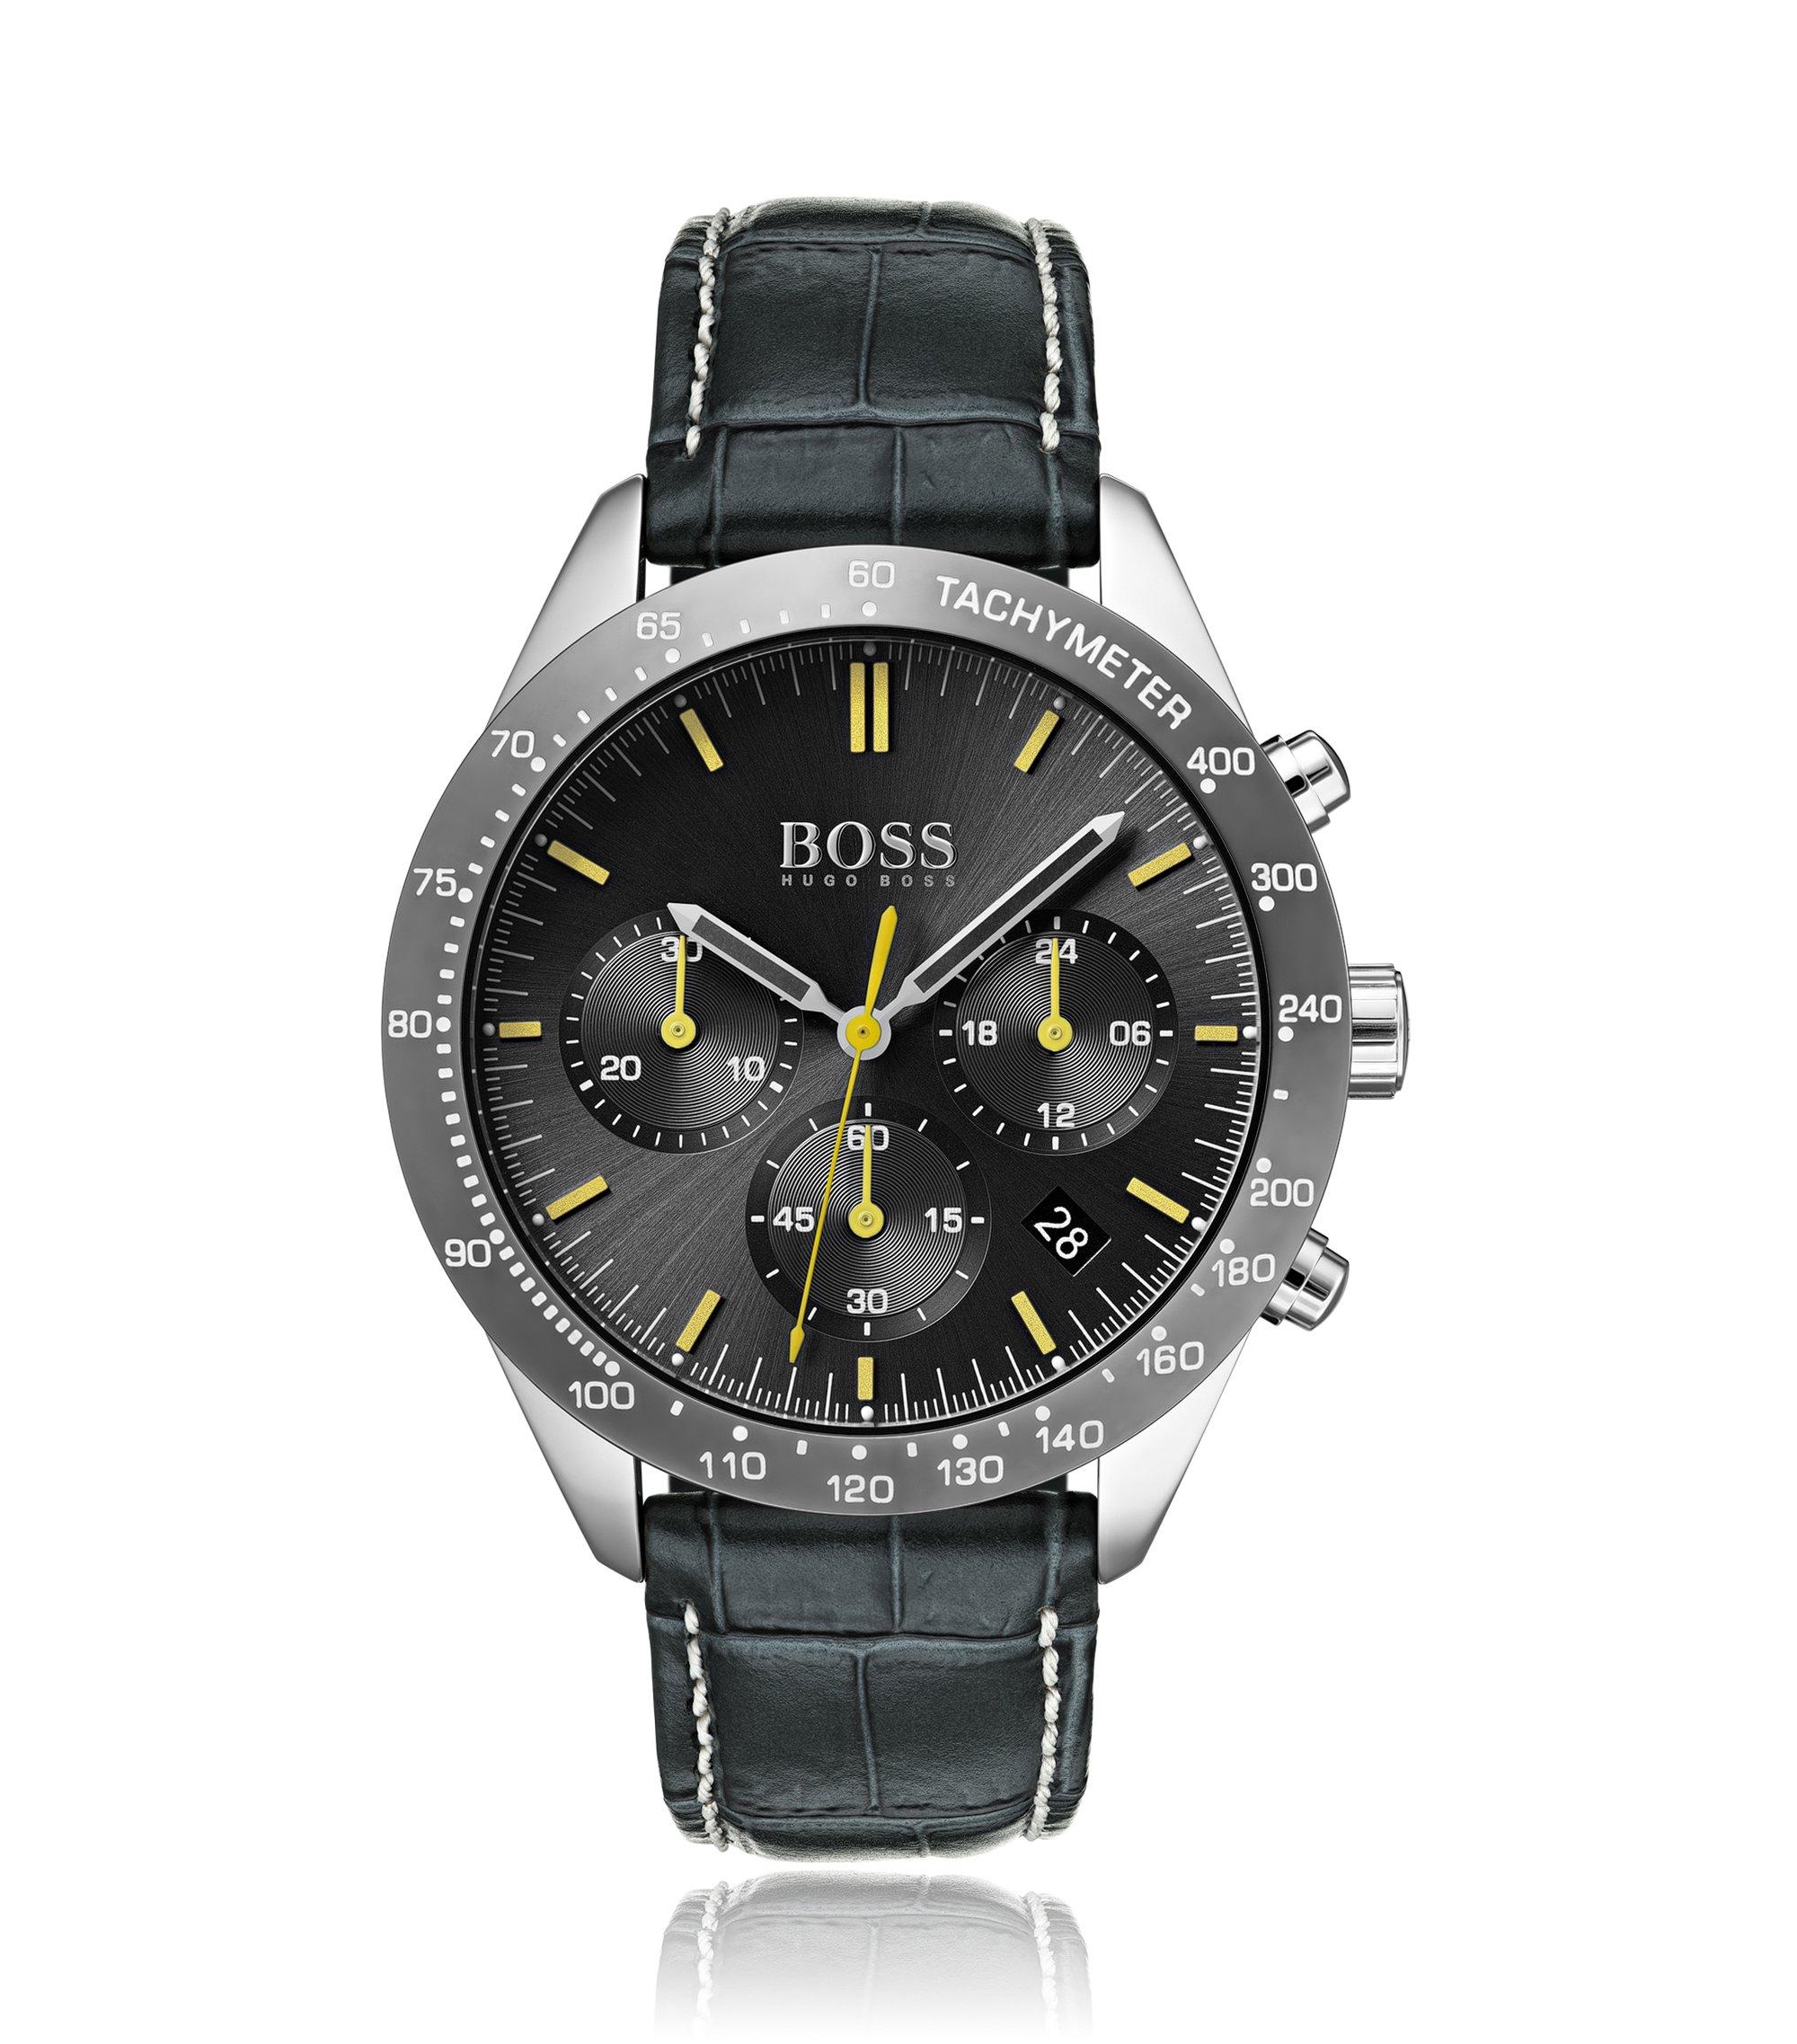 Montre chronographe à bracelet en cuir embossé surpiqué à la main, Anthracite